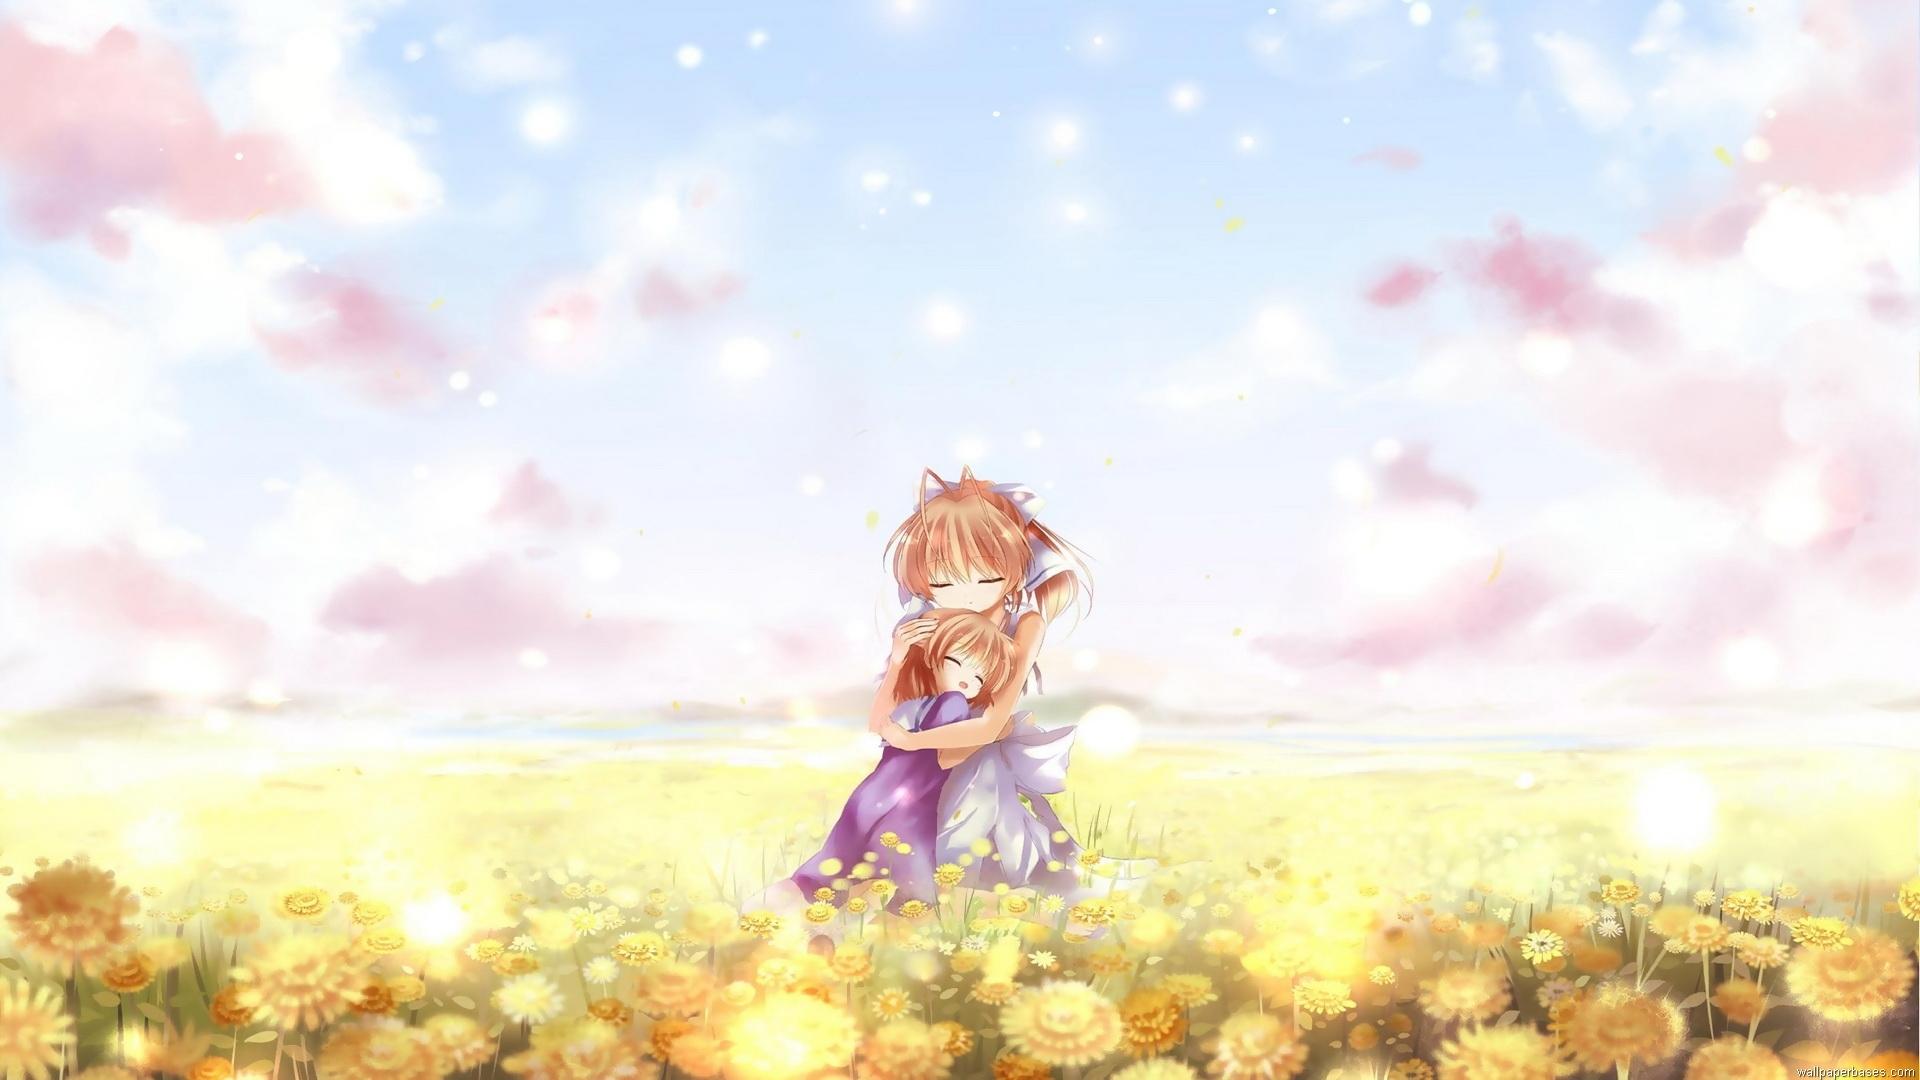 1080p Wallpaper Anime - WallpaperSafari